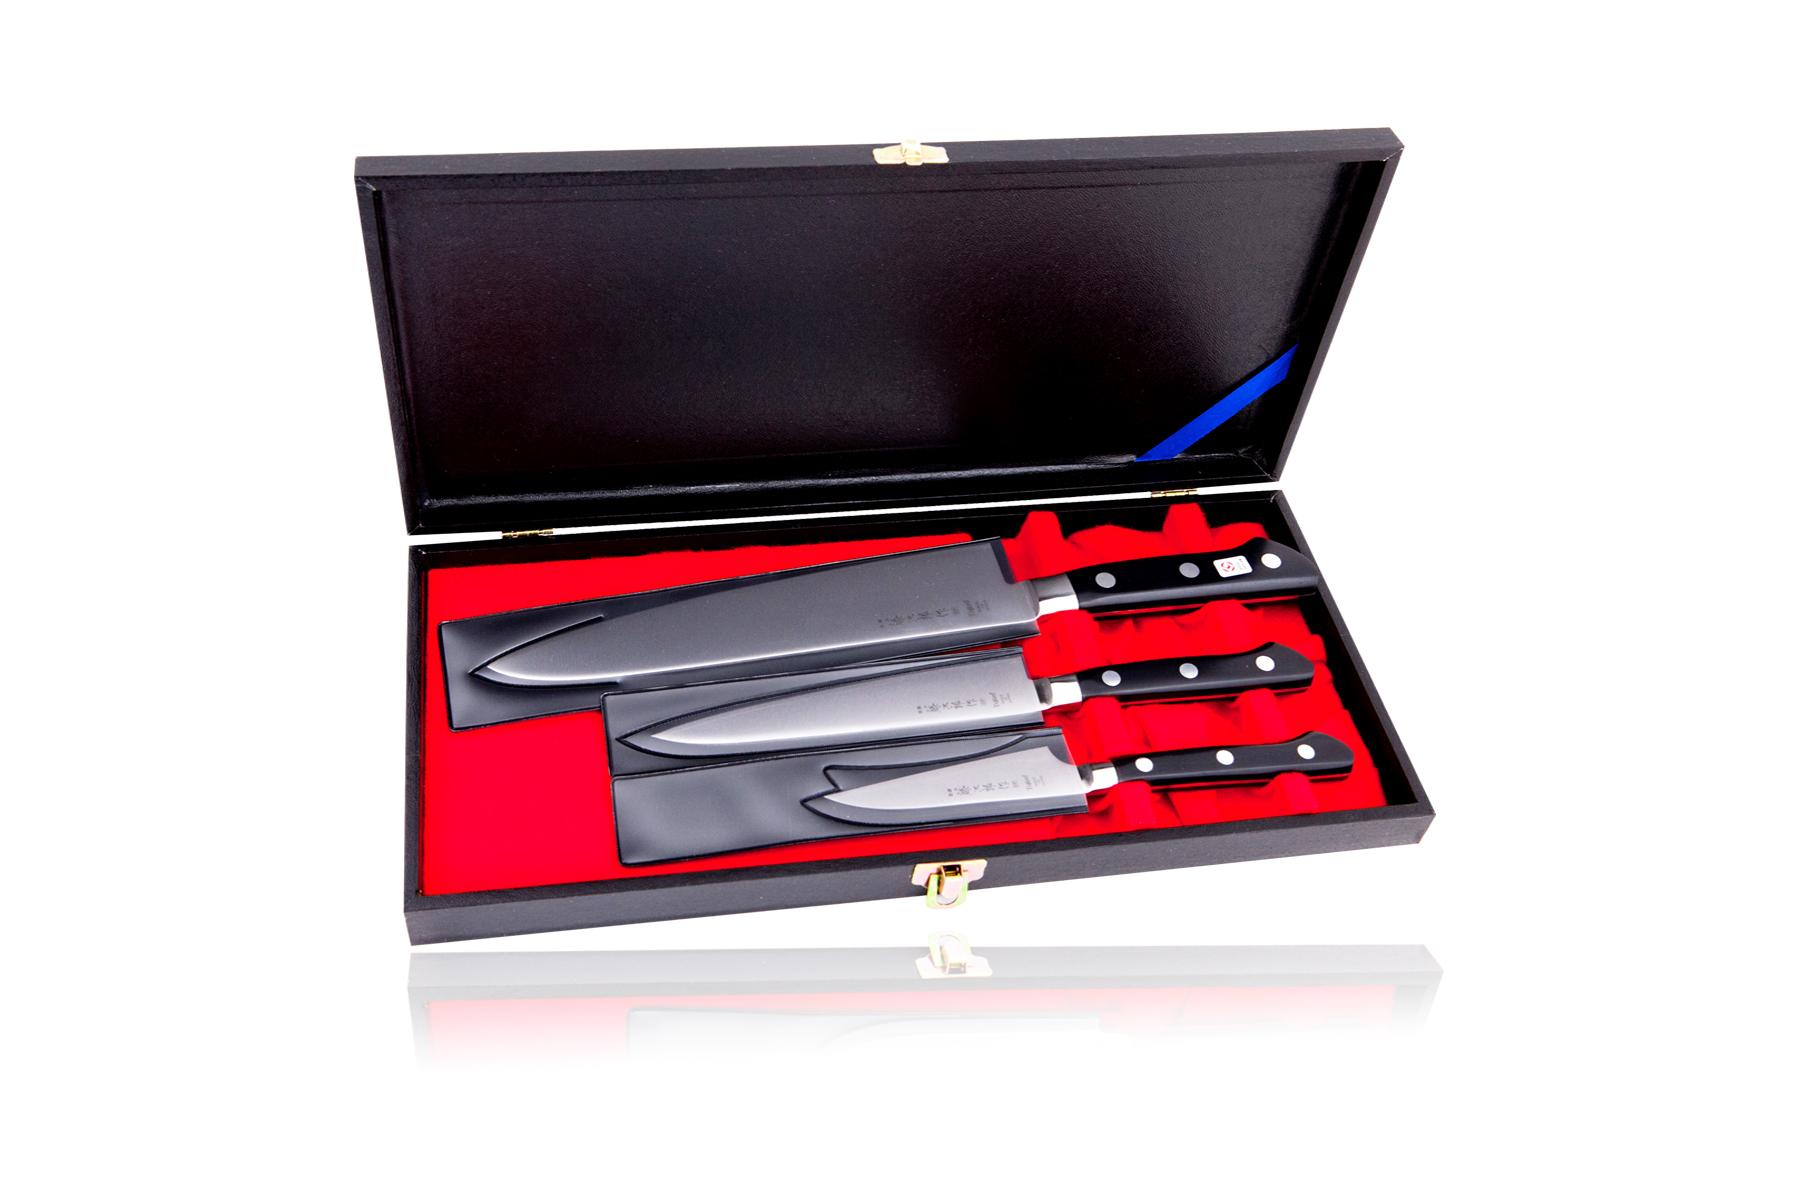 Набор из 3 кухонных ножей Tojiro Western Knife (DP-GIFTSET-A)Tojiro Western Knife<br>Набор из 3 кухонных ножей Tojiro Western Knife (DP-GIFTSET-A)<br><br>В наборе:<br><br>Нож кухонный стальной овощной (90мм) Tojiro Western Knife F-800<br>Нож кухонный стальной универсальный (150мм) Tojiro Western Knife F-802<br>Нож кухонный стальной Шеф (210мм) Tojiro Western Knife F-808<br>Подарочная упаковка.<br><br>Клинки ножей изготовлены под строгим контролем качества, имеют более высокую остроту, прочность и коррозионную стойкость, чем любые другие ножи. Клинки ножей данной серии изготовлены из стали VG-10, разработанной специально для производства ножей. Режущий слой закален до 60HRC. Более мягкие обкладки предохраняют клинки от поломки, позволяя закалить режущий слой на максимальную твердость. <br>При изготовлении ножей серии Tojiro Western Knife используется более пяти технологических операций и тратится много времени на заточку и полировку клинков. <br>Рукояти ножей серии Tojiro Western Knife имеют традиционную европейскую форму. Изготовлены из материала ECO WOOD с упором на удобство и практичность. ECO WOOD не только экологически чистый материал, но со временем имеет меньшую усадку и это означает, что рукоять остается работоспособной в течение долгого времени. Вы всегда будете чувствовать, как будто это просто новая рукоять. <br>Компания Тоджиро придает первоочередное значение прочности: при сборке рукояти используются 3 заклепки. ECO WOOD позволяет производить рукояти с меньшим количеством трещин, менее рыхлые, чем рукояти из обычного дерева. Рукоять из ECO WOOD - рукоять для профессионалов.<br>Официальный сертифицированный продавец TOJIRO<br>